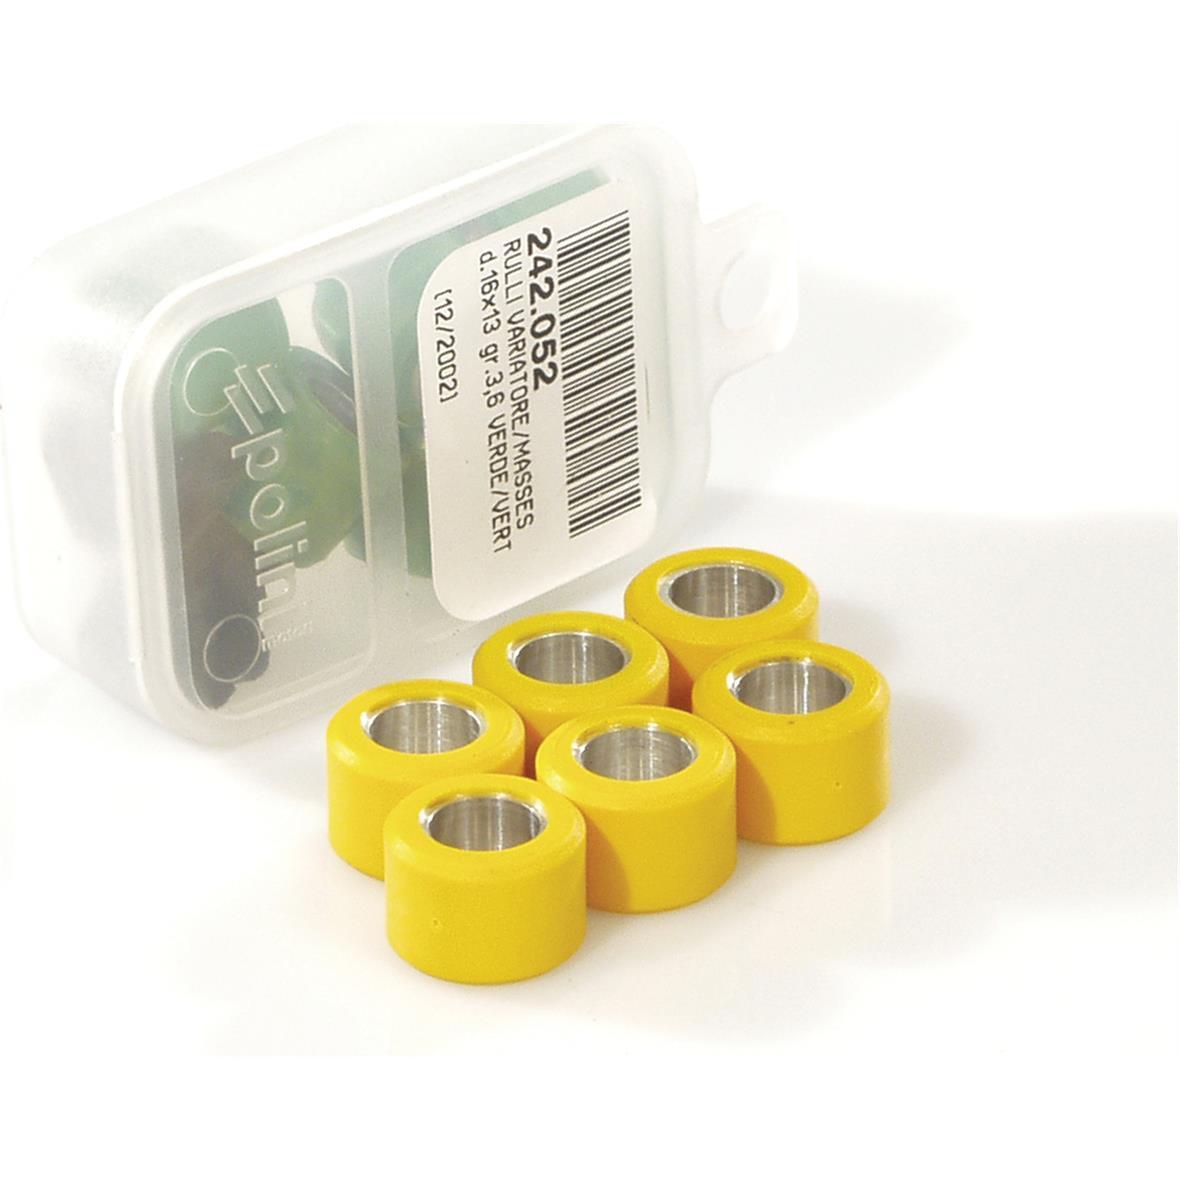 Obrázek výrobku pro 'Válečky variátoru POLINI 15x12 mm 3,5 gramTitle'